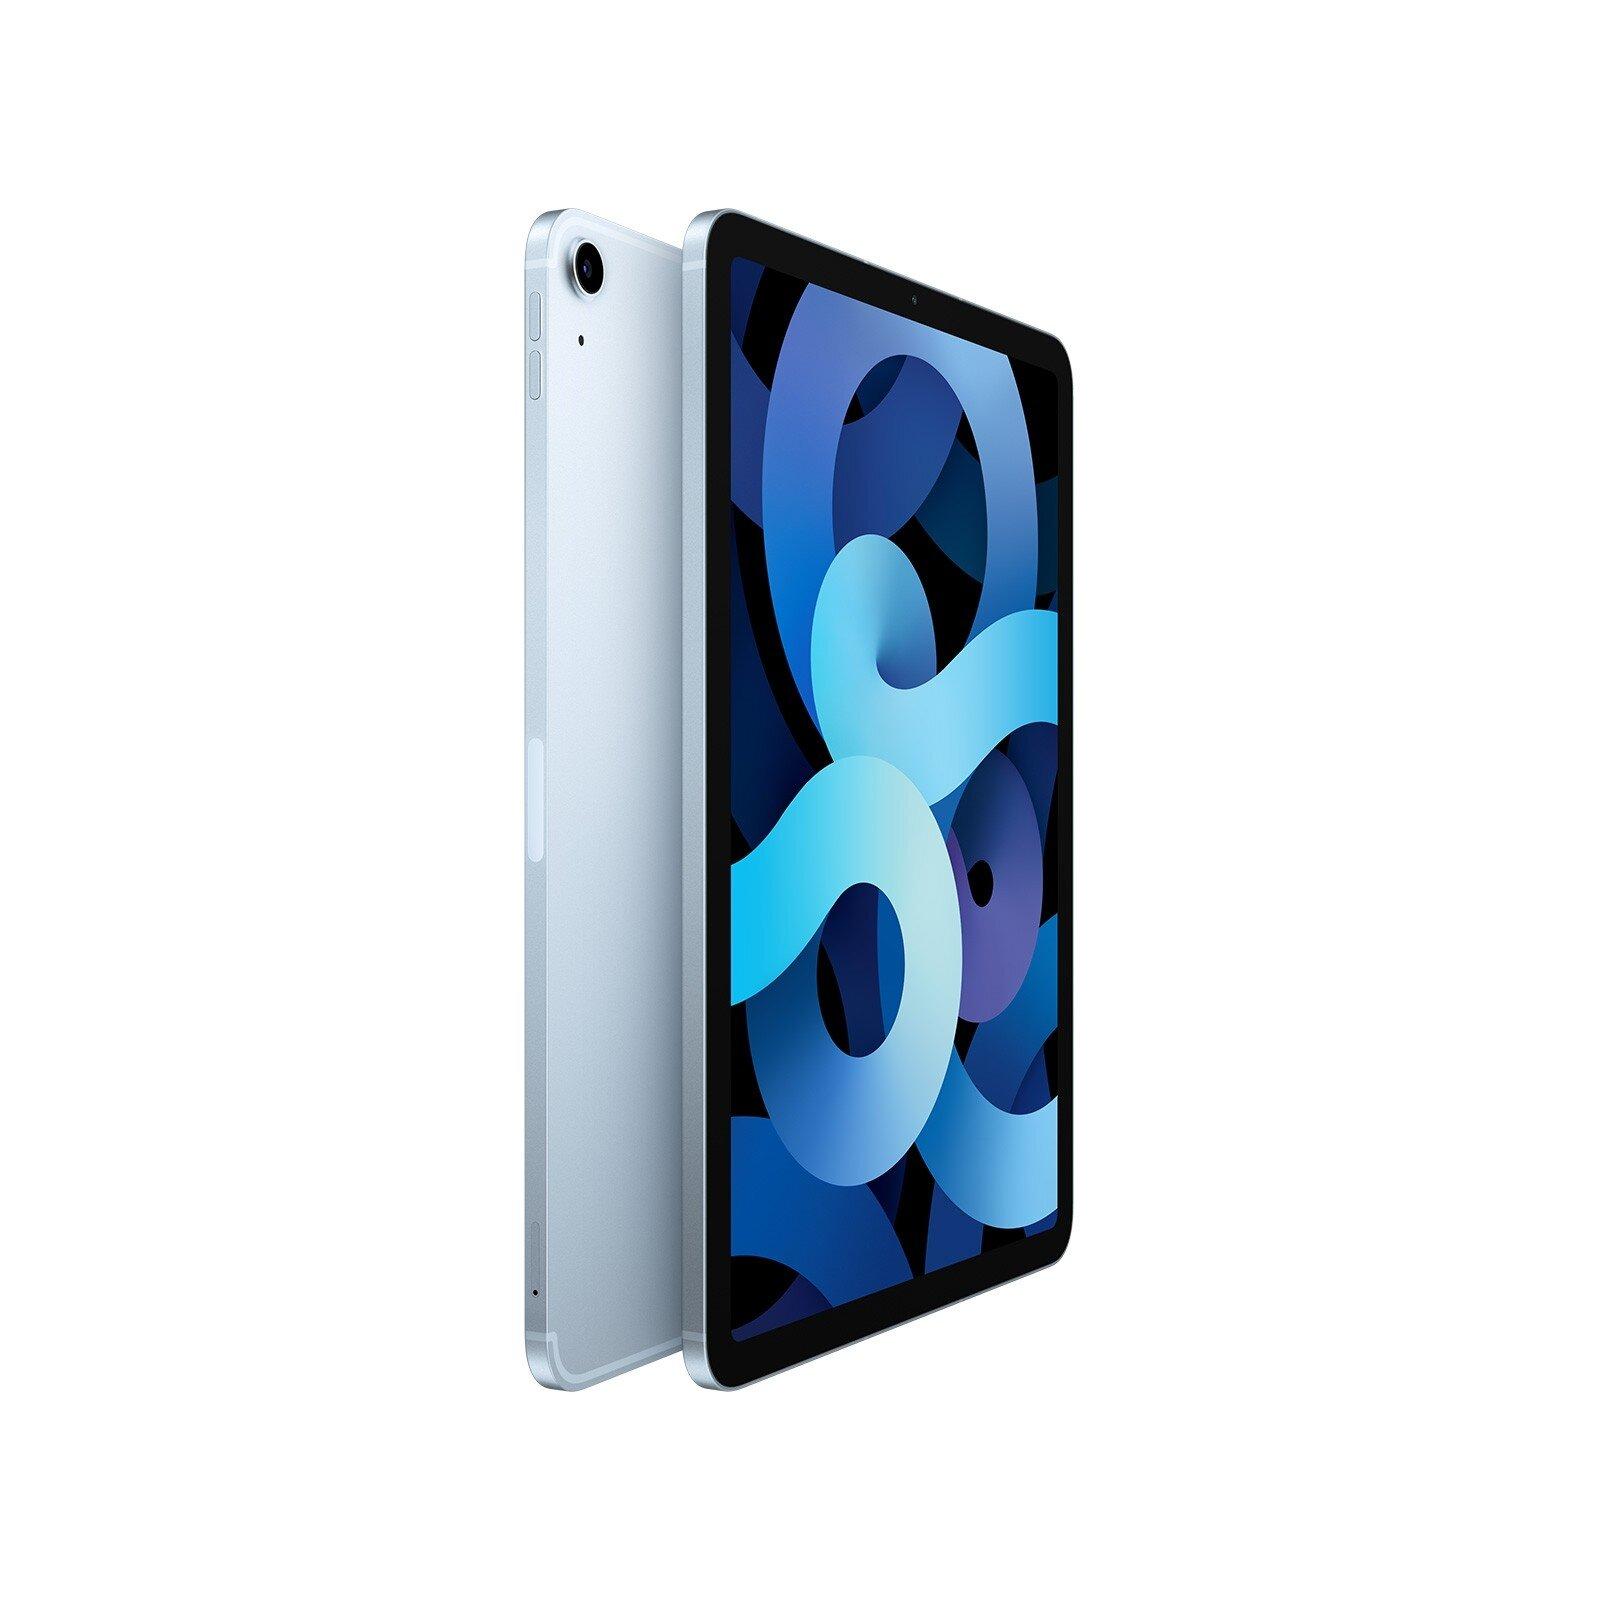 Apple iPad Air 10.9-inch Wi-Fi + Cellular 64GB - Sky Blue